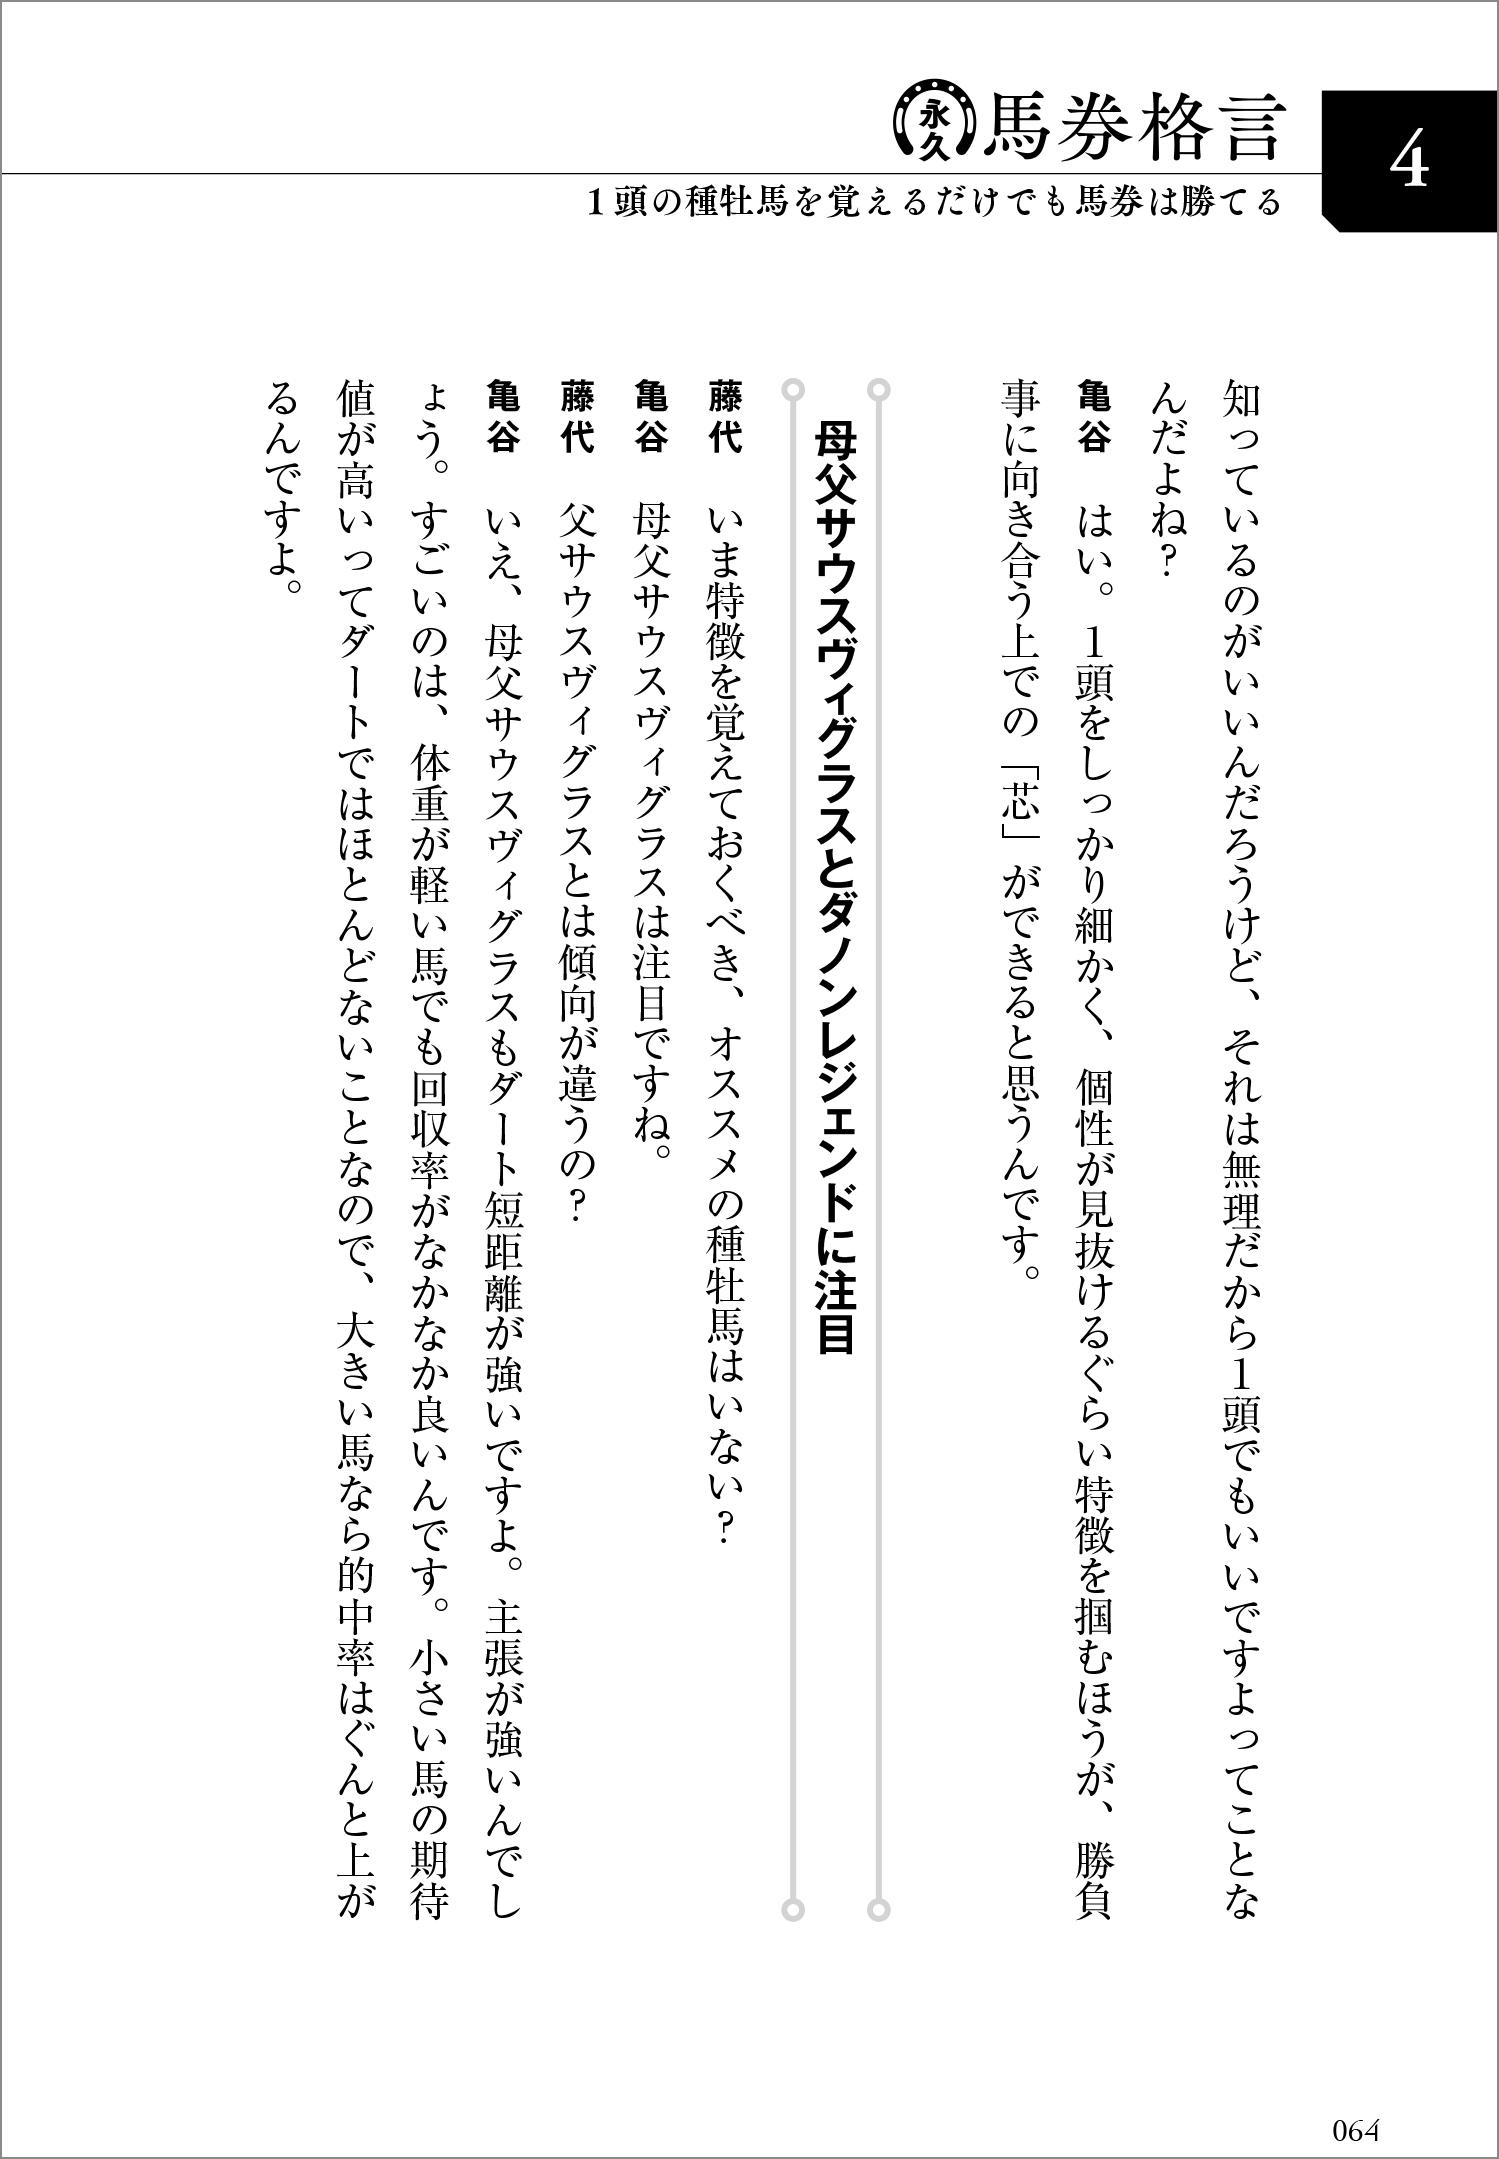 馬券格言_p.64